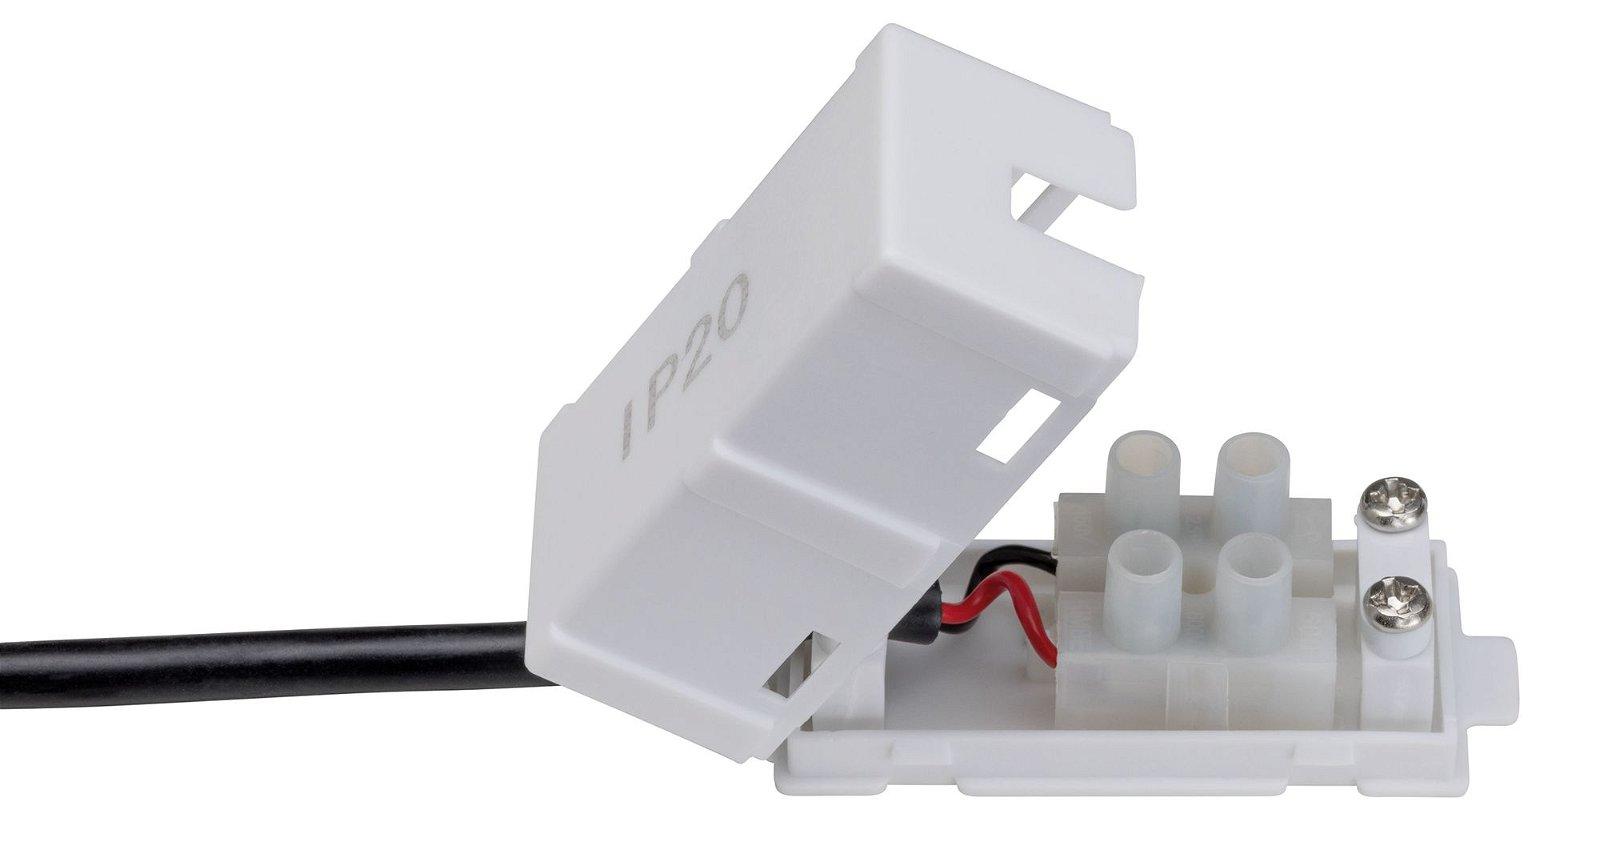 Spot encastré LED Blanc chaud Luminaire individuel fixe IP44 rond 80mm Coin 7W 380lm 230V 2700K Alu tourné/Satiné